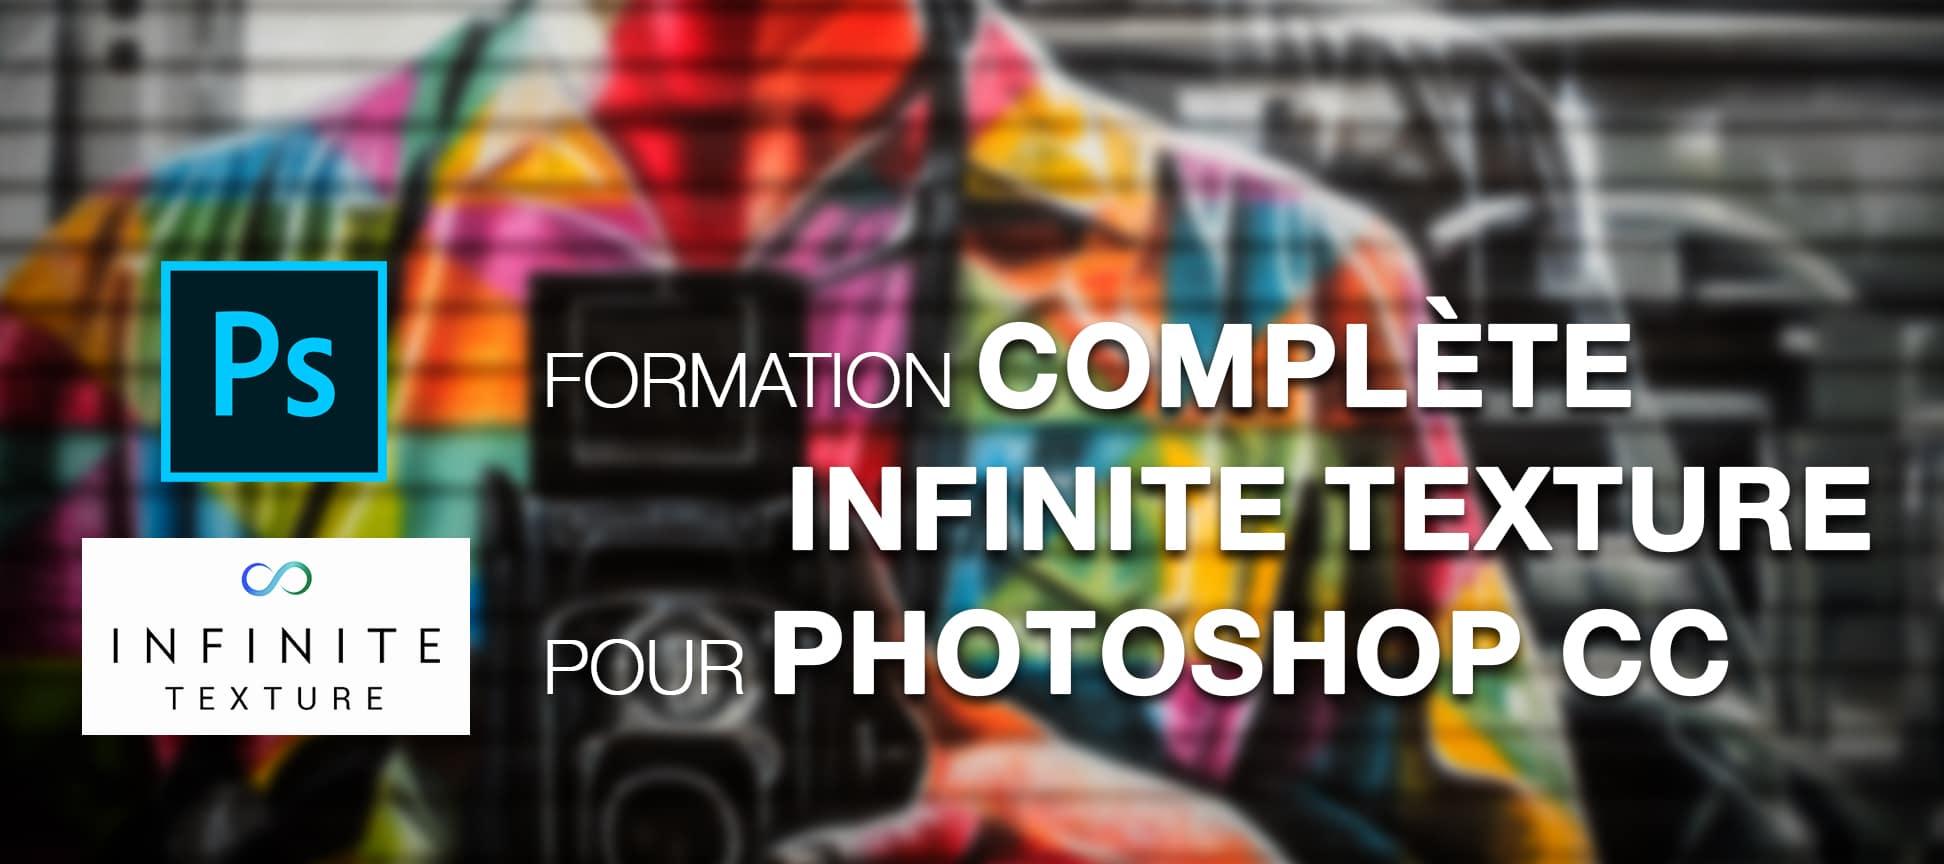 Formation complète Infinite Texture Panel pour Adobe Photoshop CC